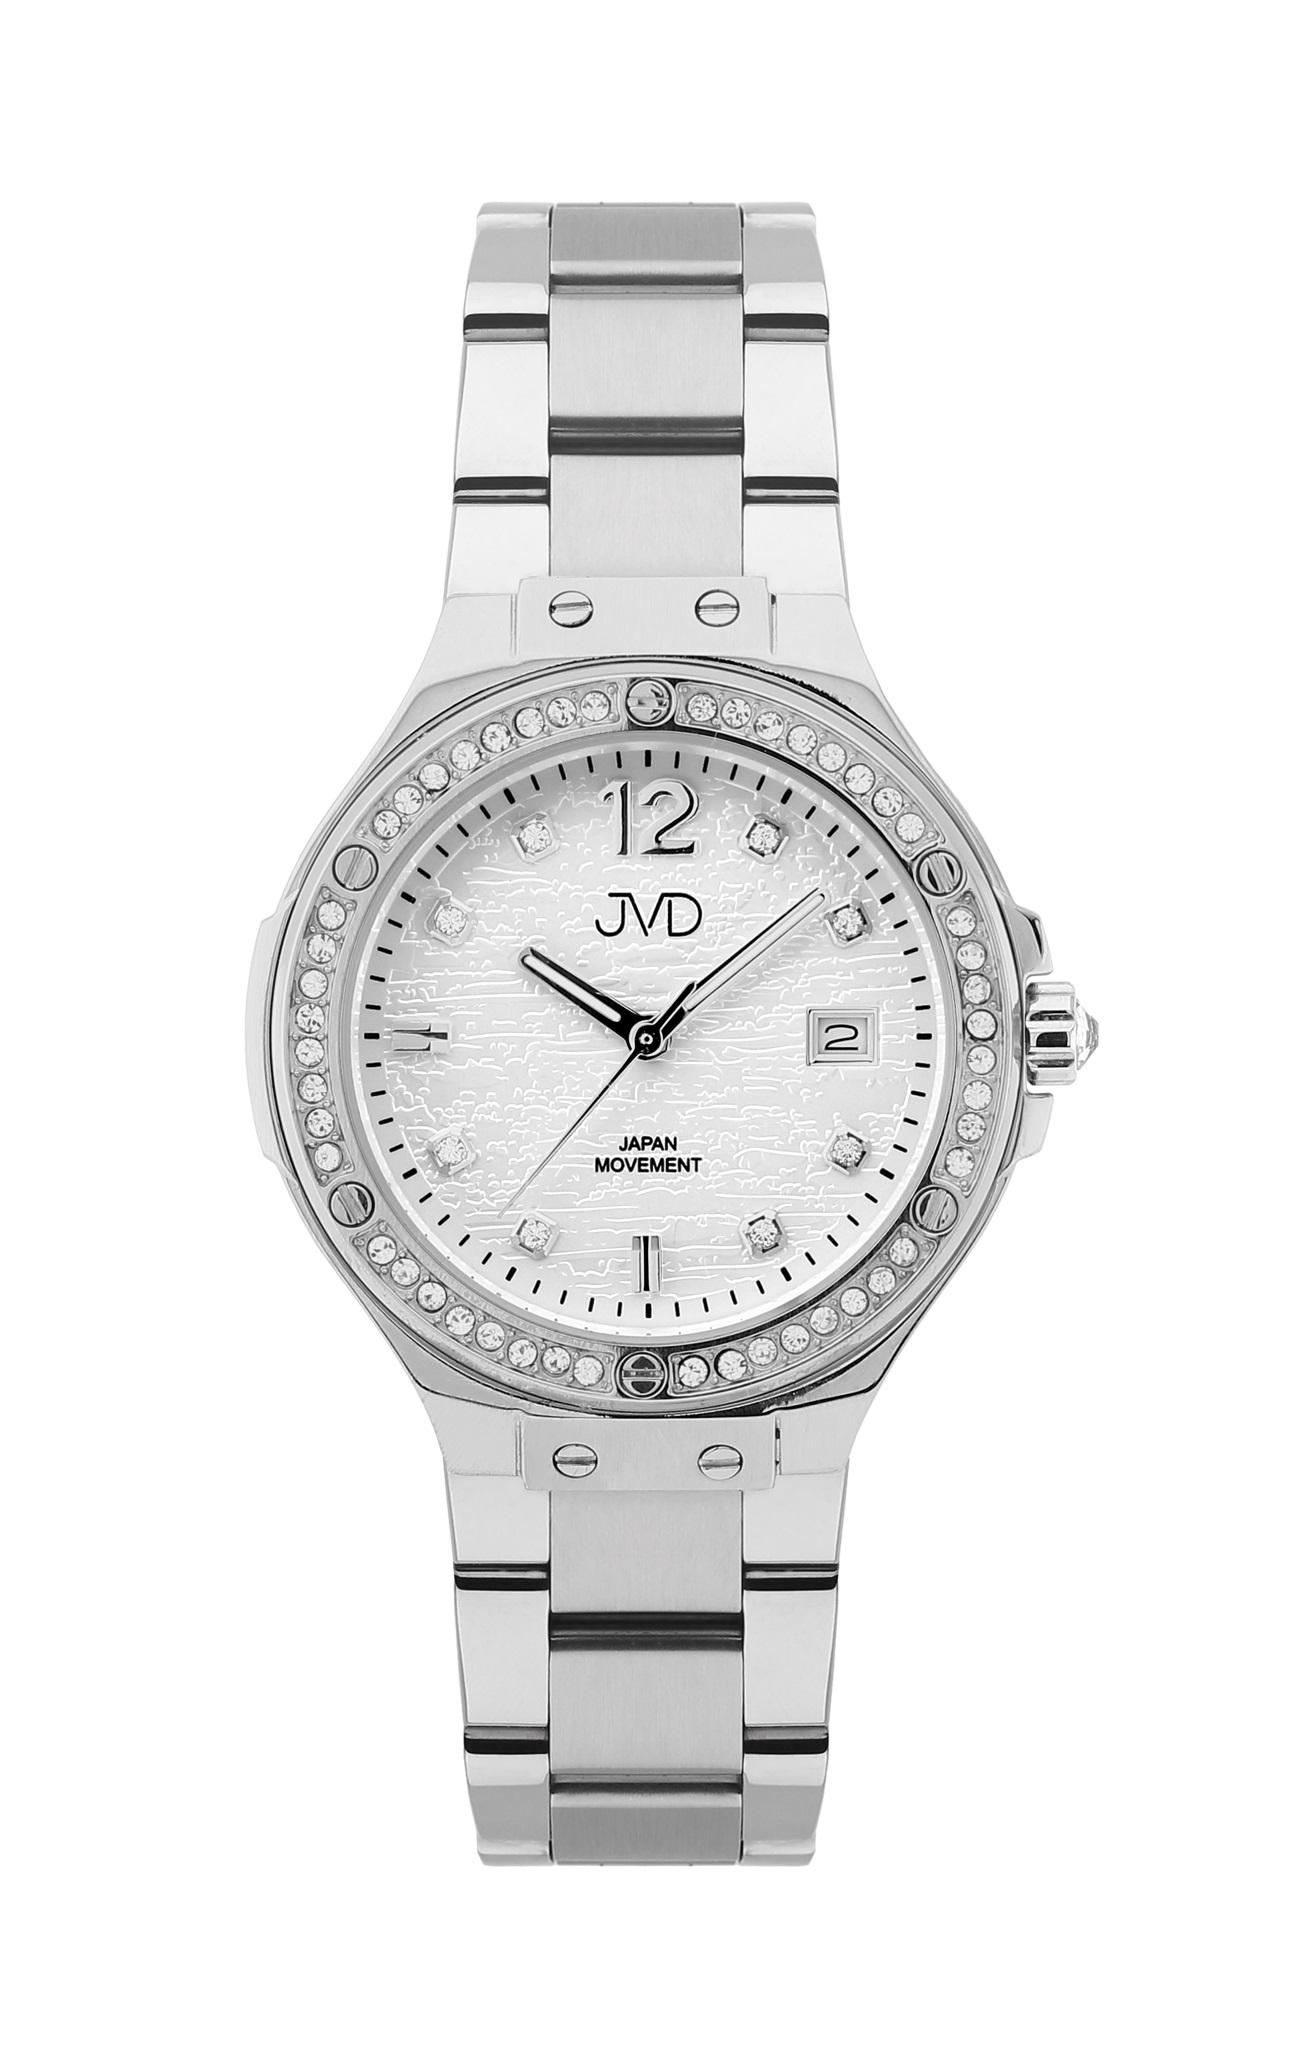 Luxusní dámské ocelové hodinky JVD JC032.2 se zirkony okolo číselníku  (POŠTOVNÉ ZDARMA! a997de381a2